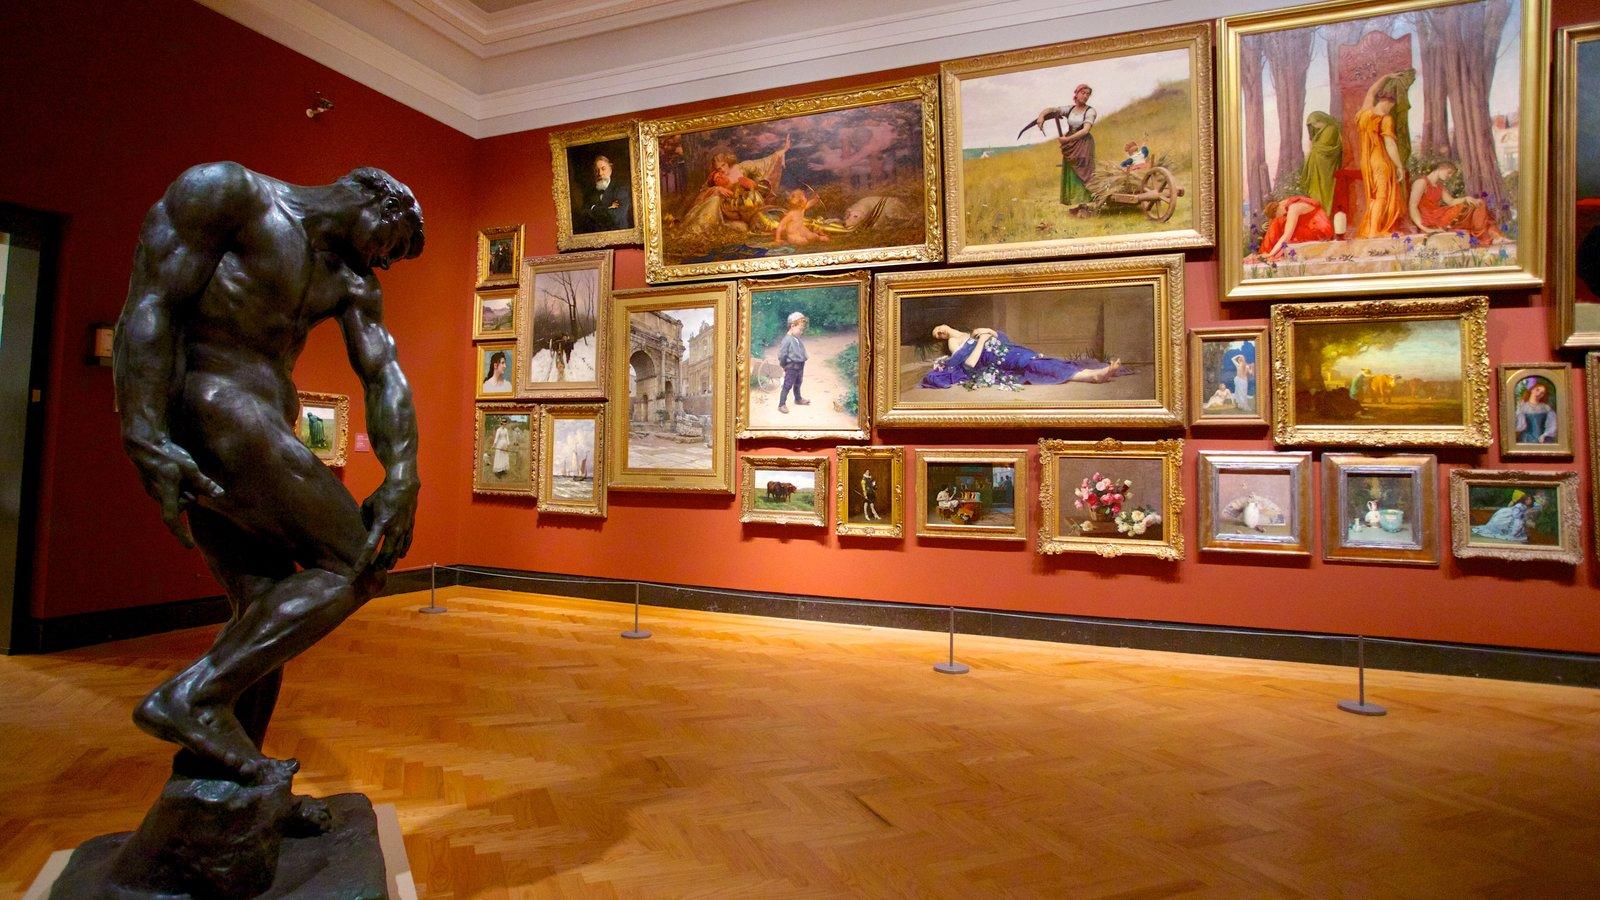 Galeria de Arte de Ontário caracterizando arte, uma estátua ou escultura e vistas internas